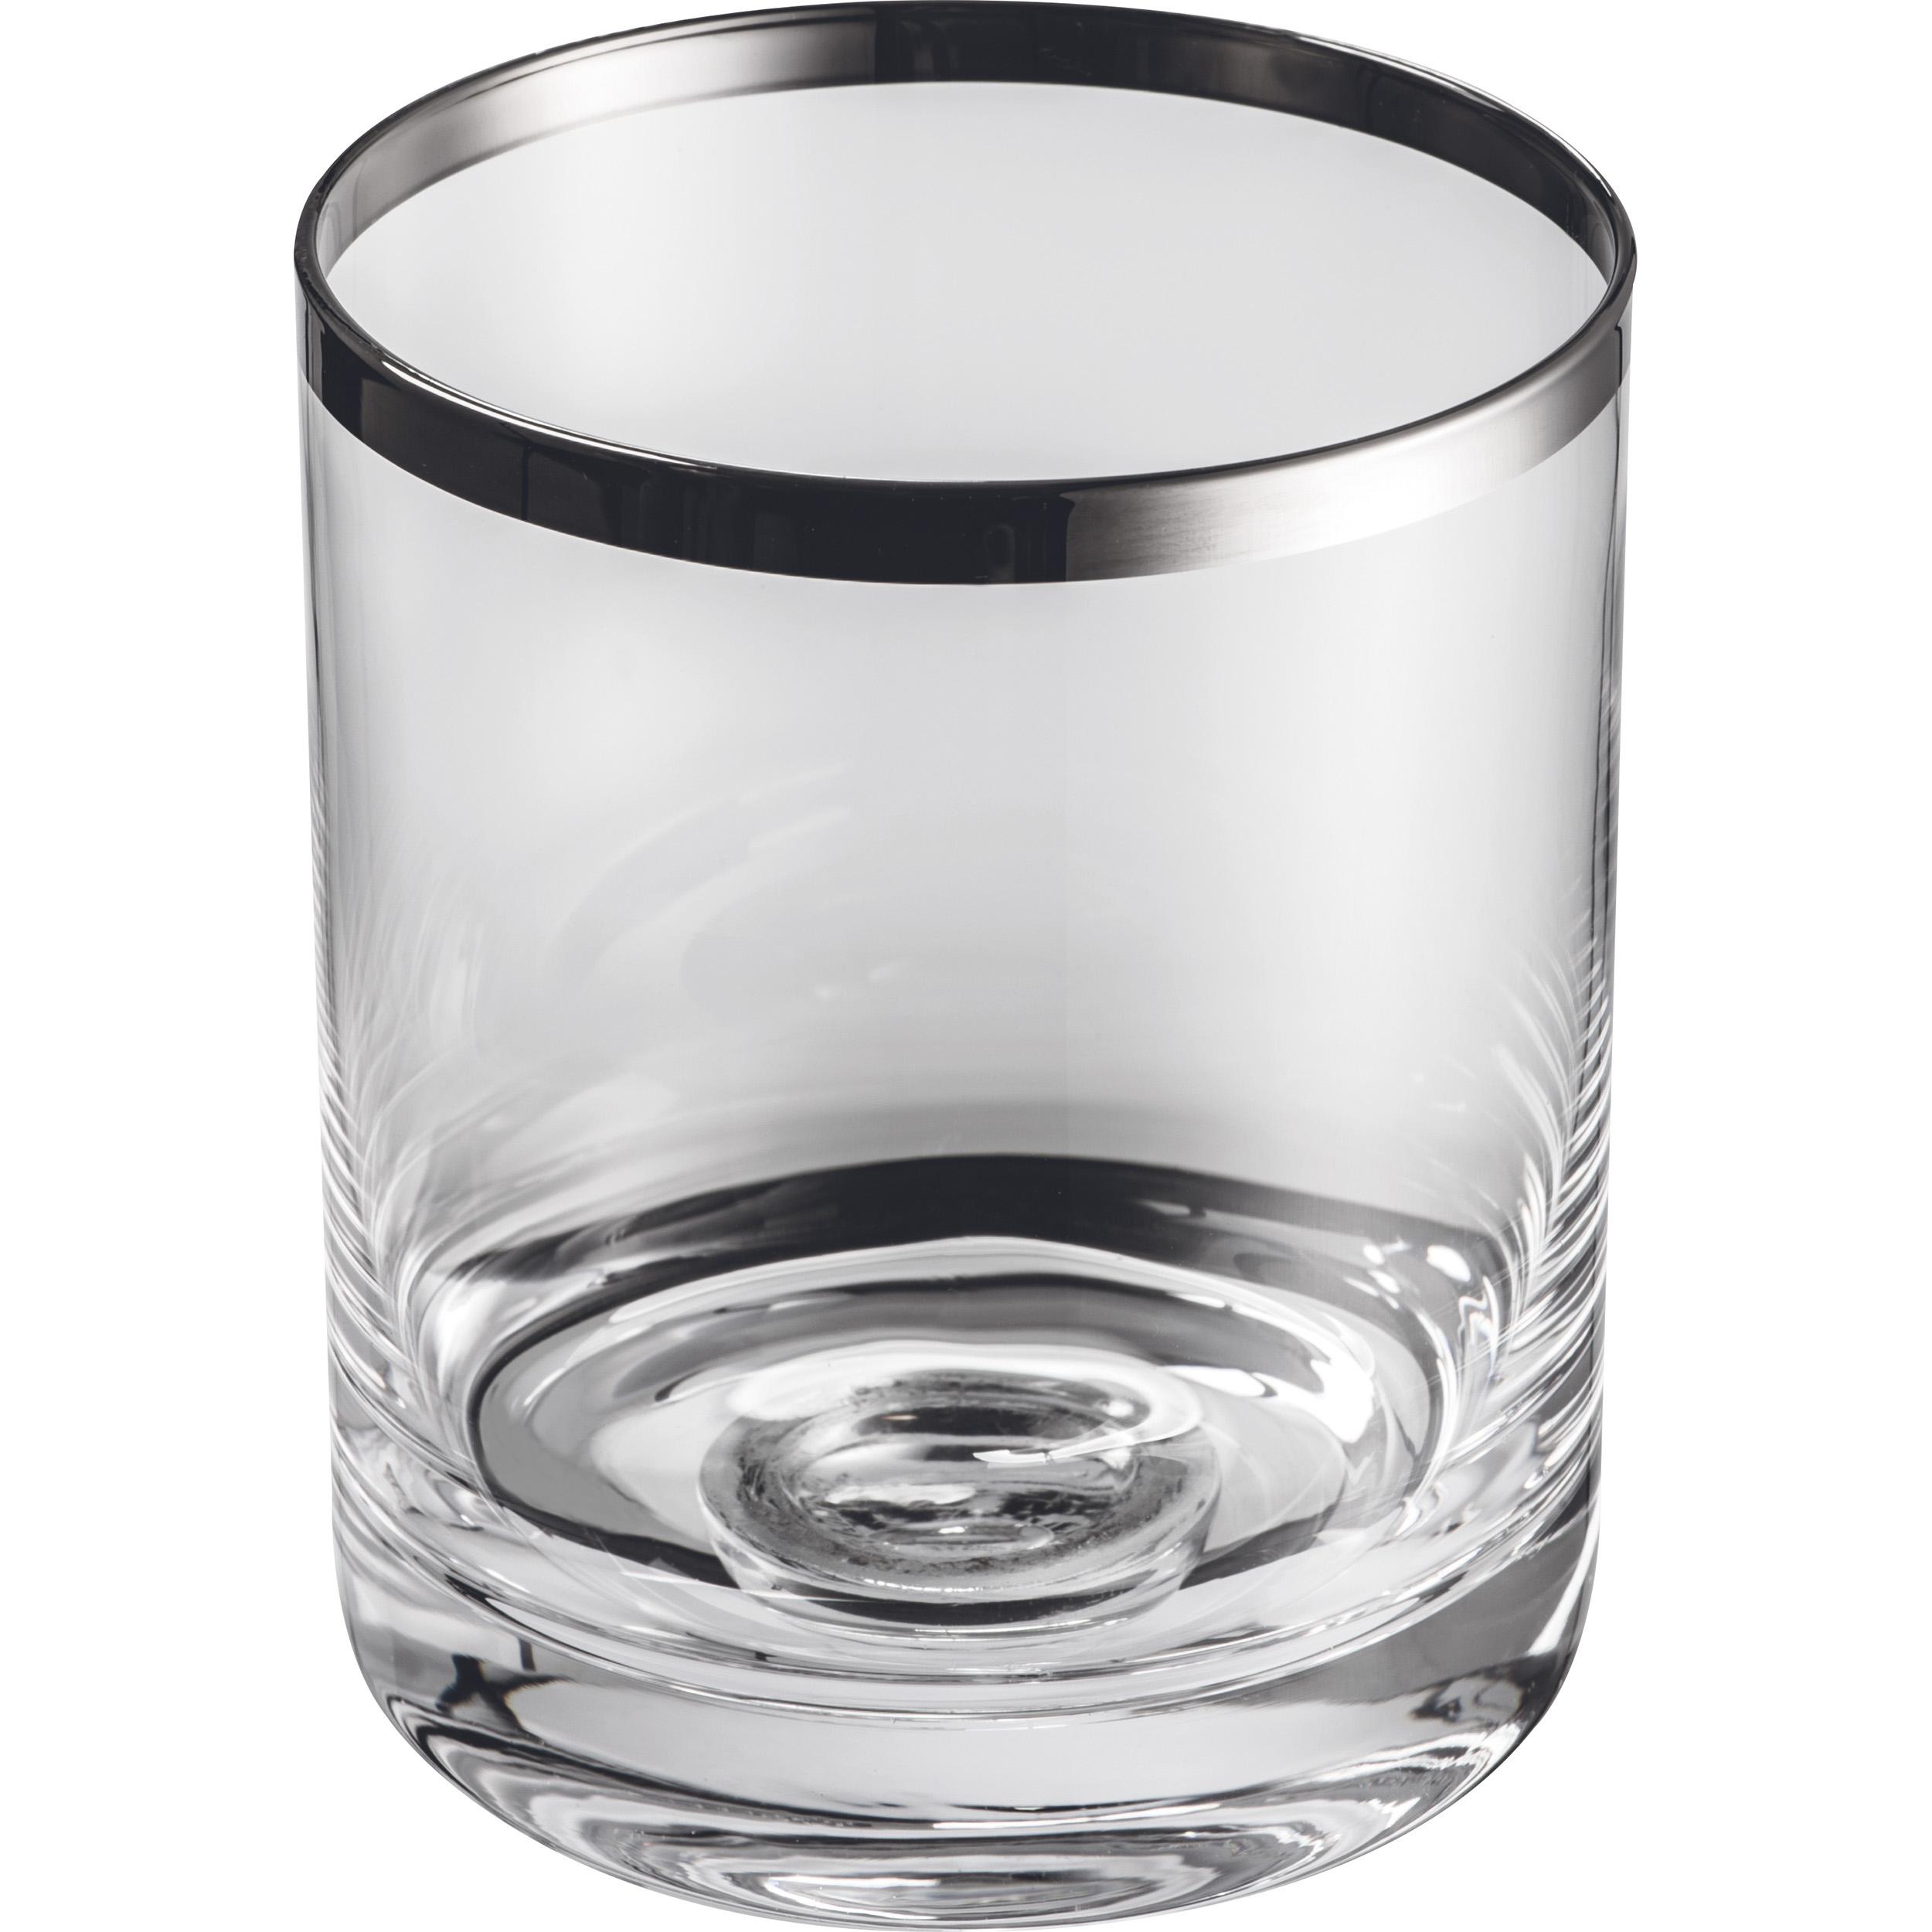 Set of 6 whisky glasses